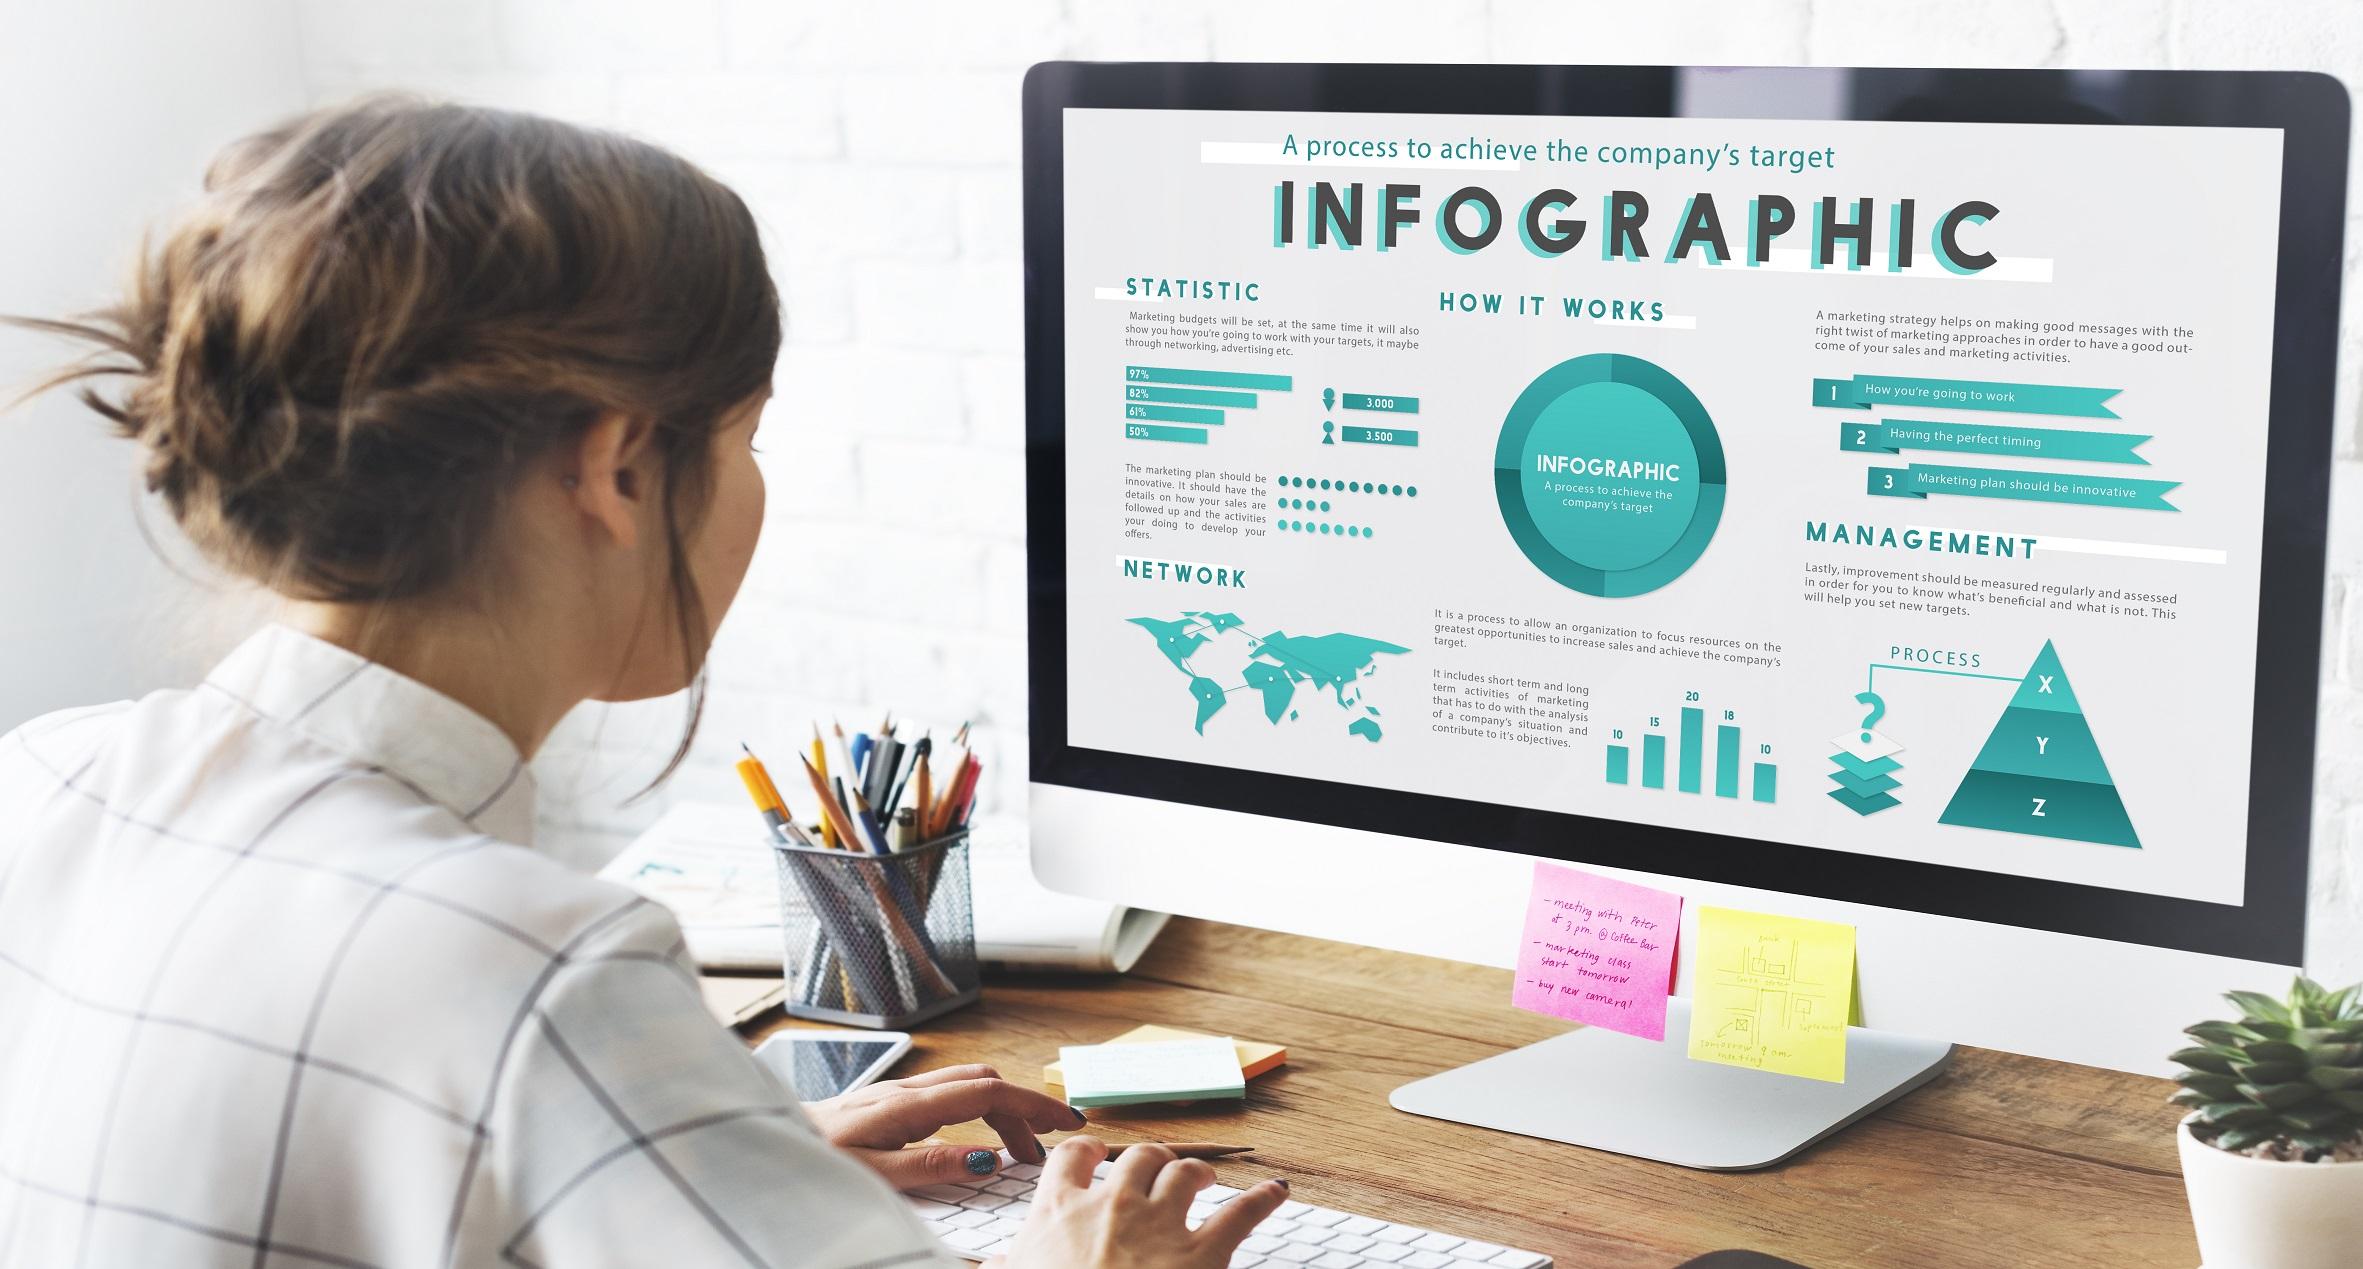 Data visualization, l'importanza di utilizzare i dati per costruire contenuti rilevanti